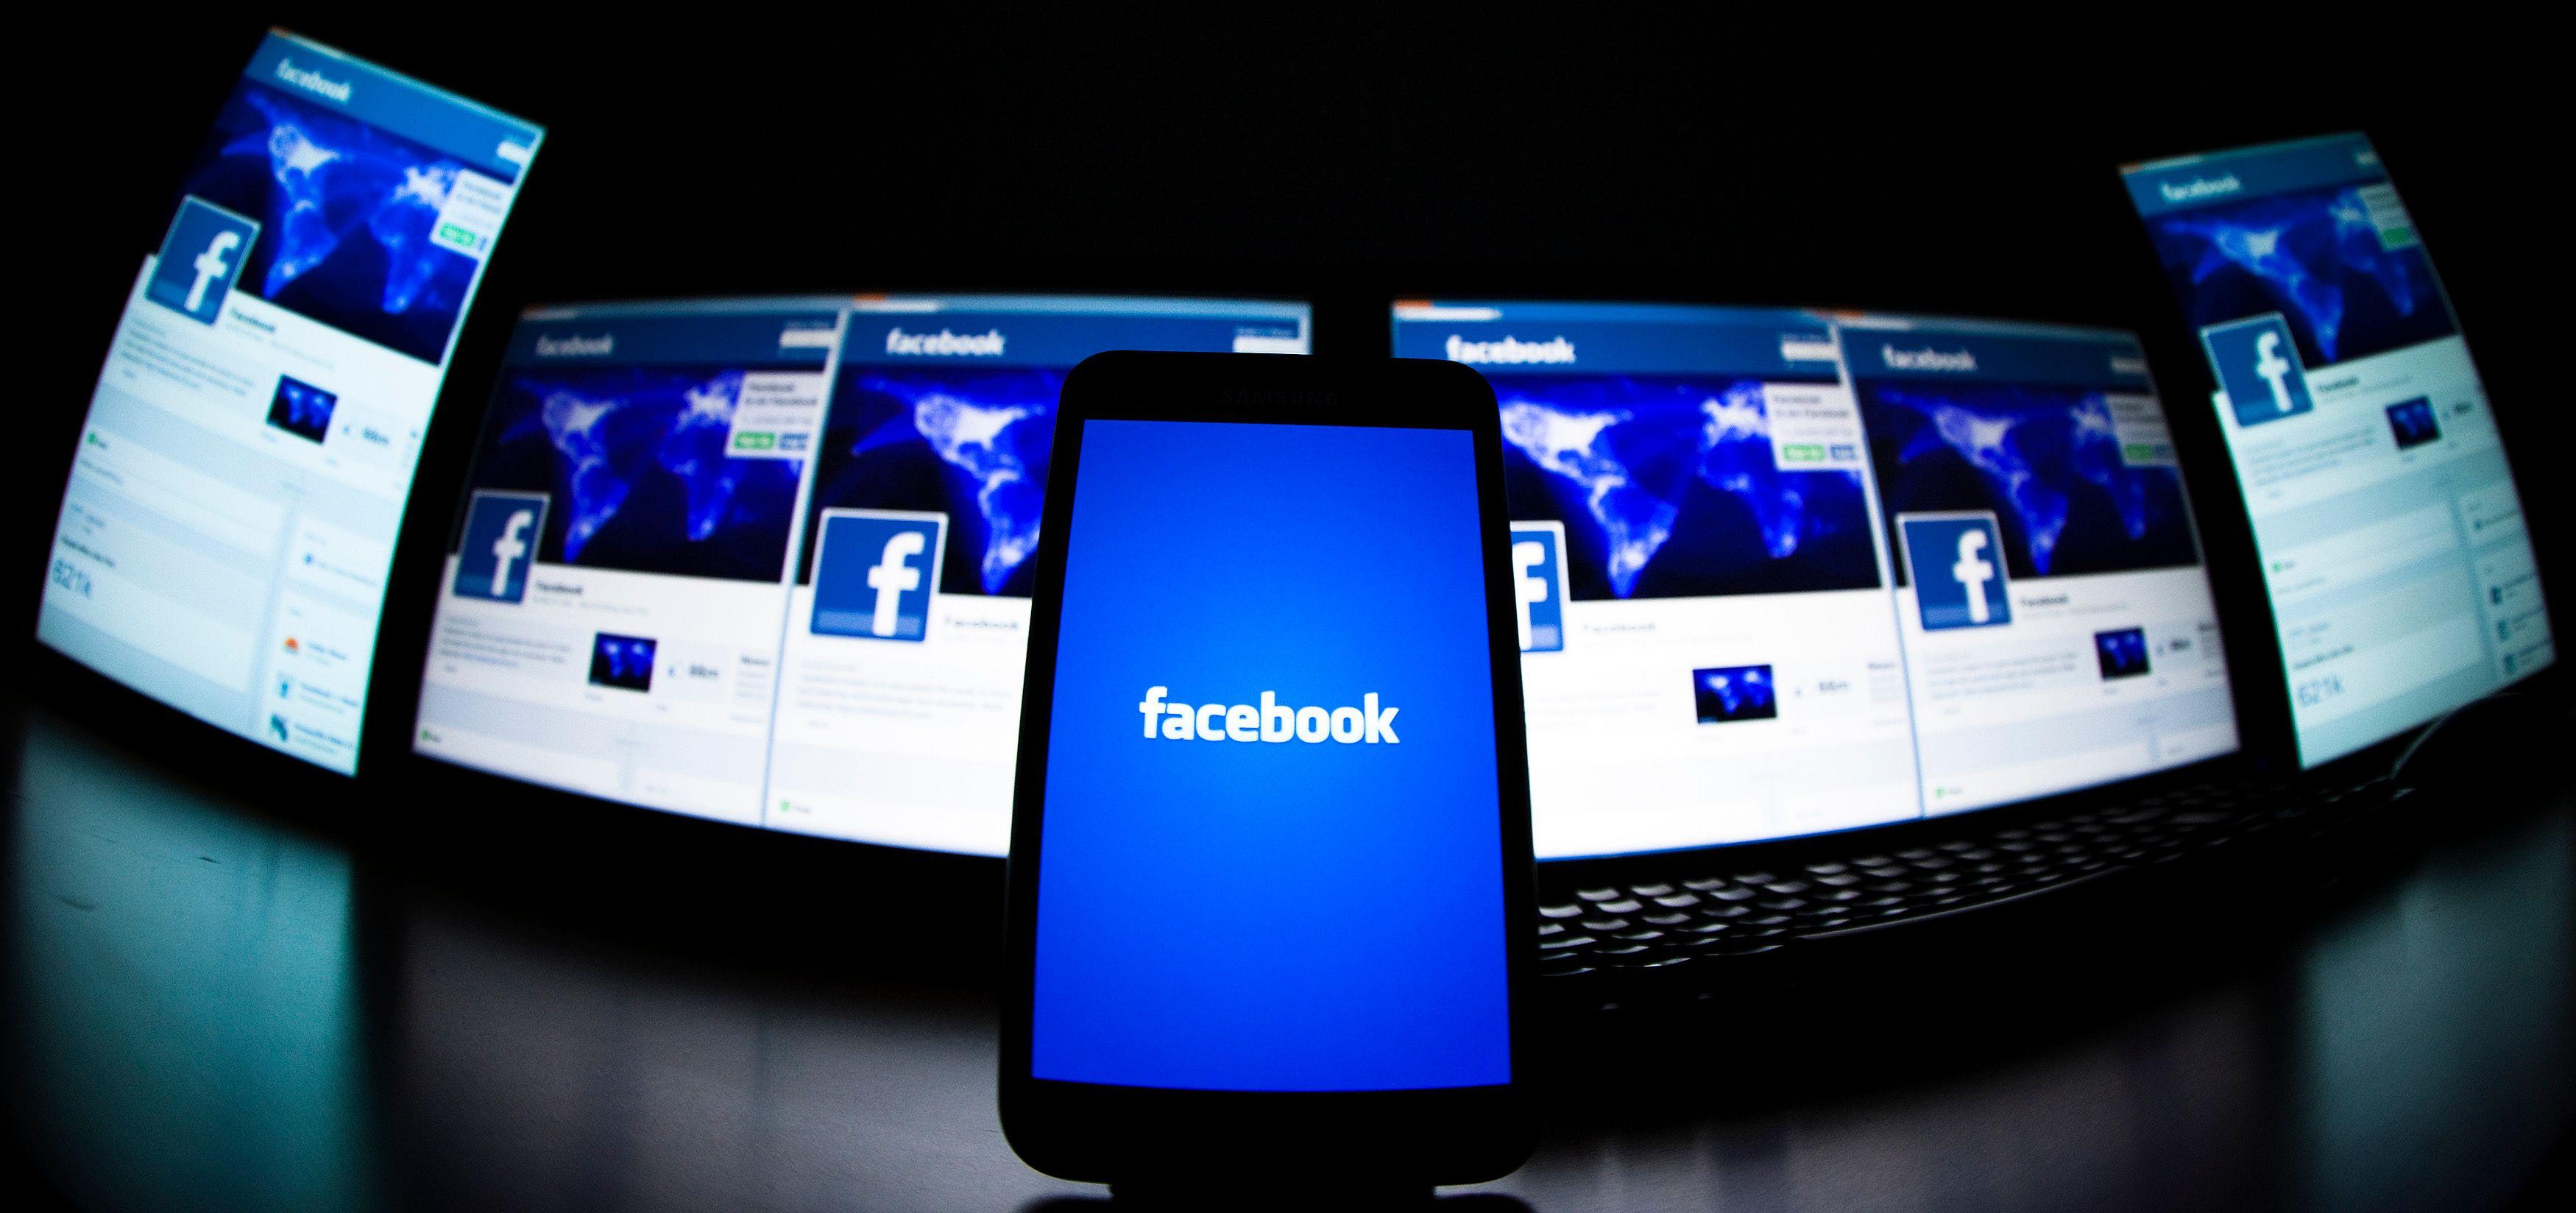 98% des blogueurs américains sont actifs sur Twitter, 94% sur Facebook, et 90% sur LinkedIn.